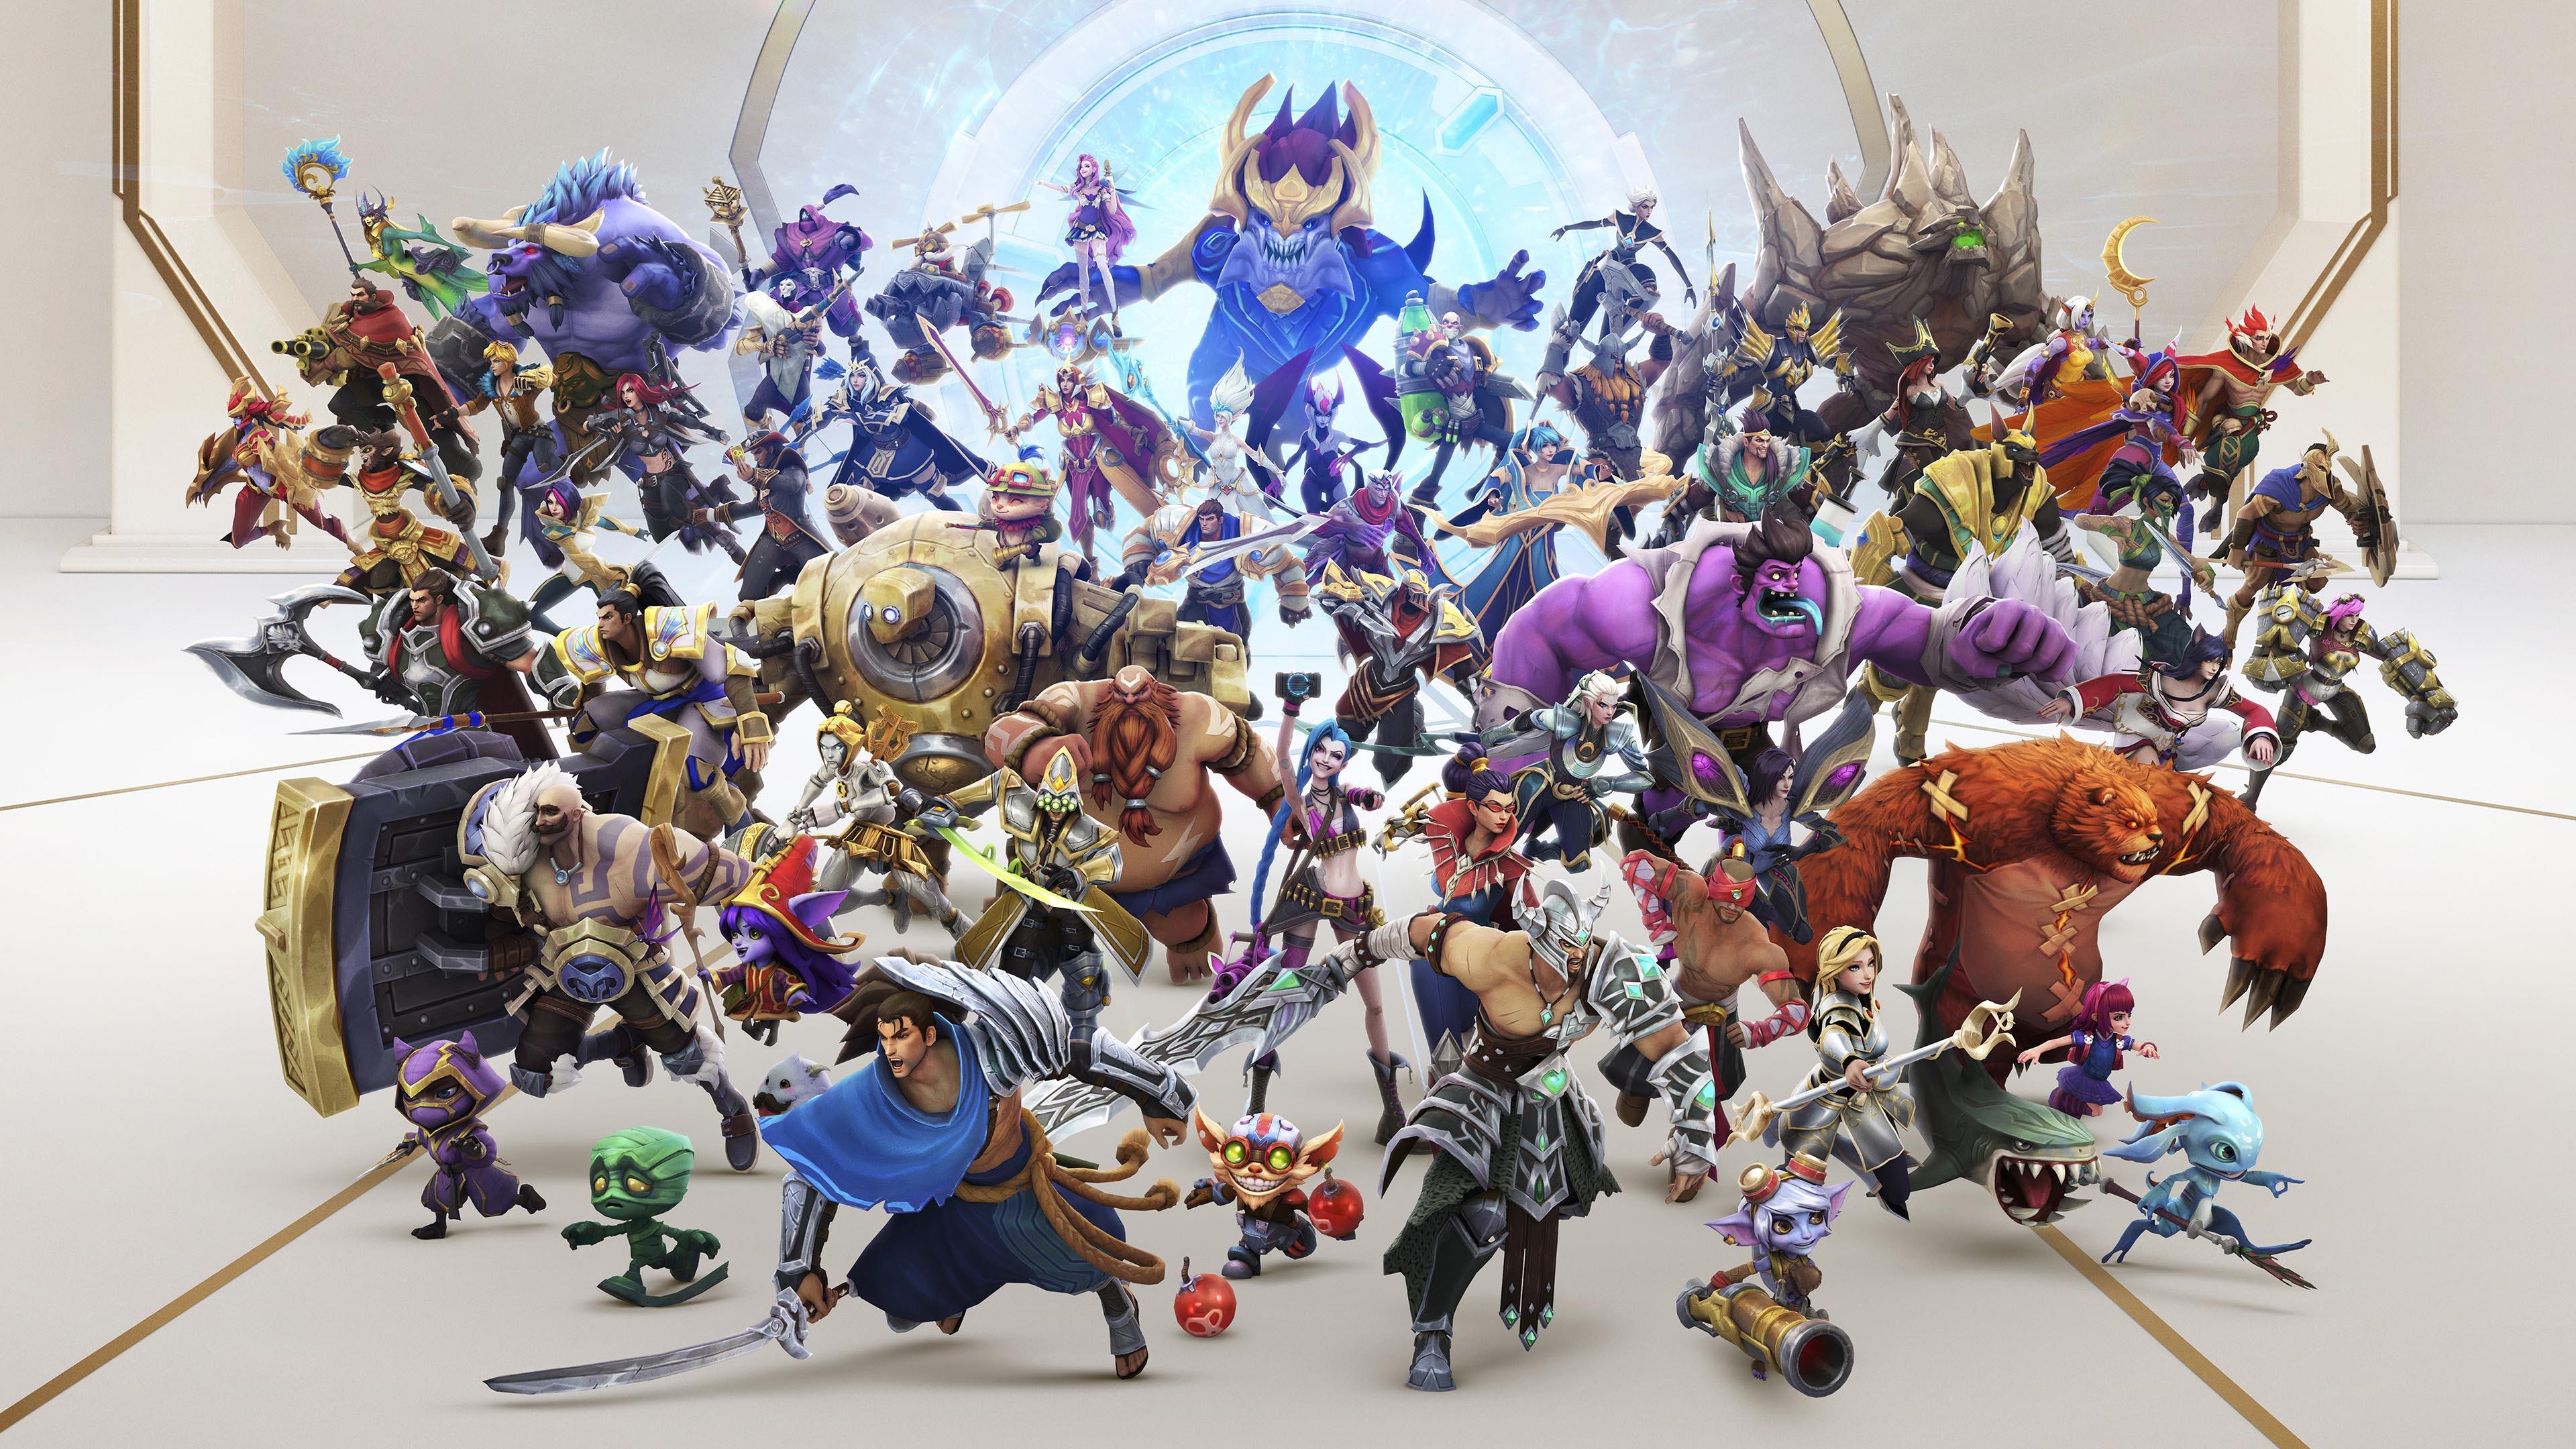 游戏壁纸,英雄联盟,LOL,全明星